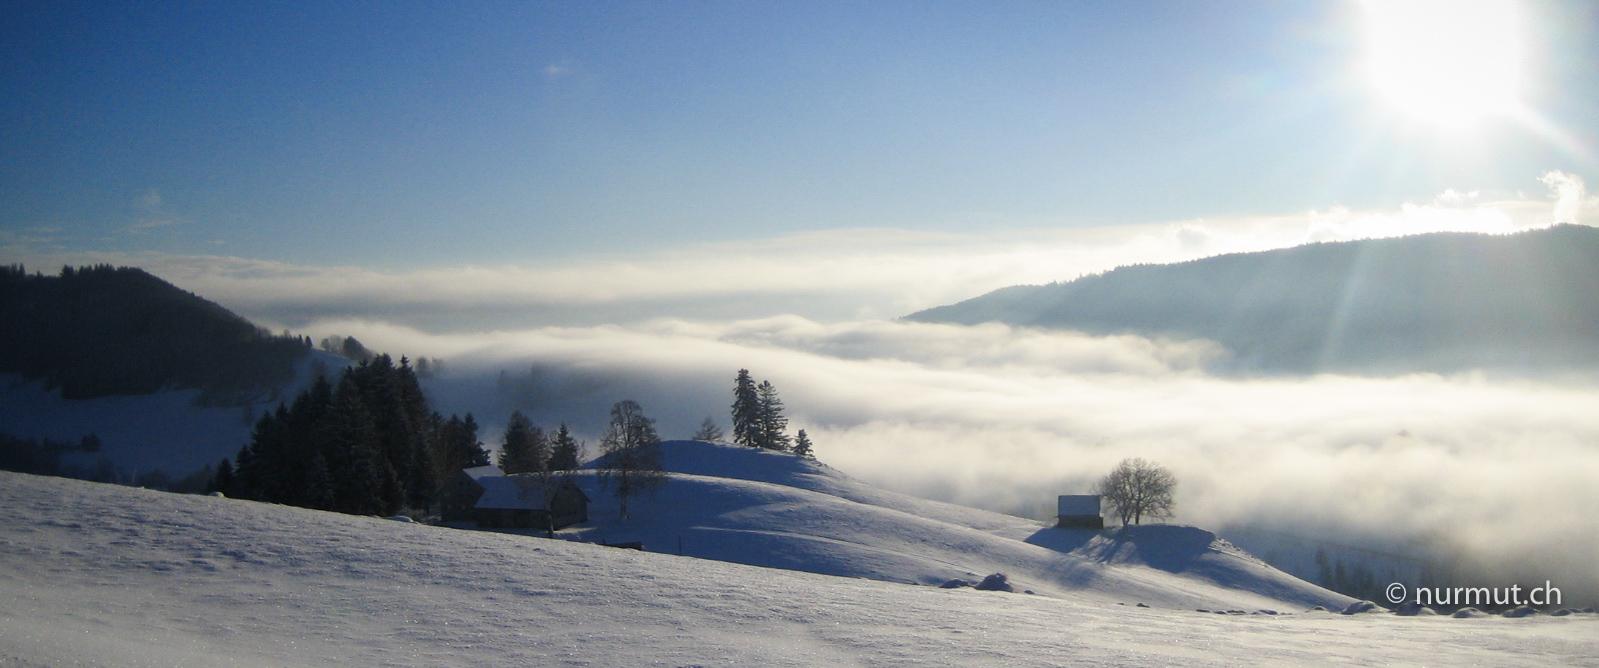 Gais-Appenzellerland-Nebelmeer-Winterwanderung-mir-Hund